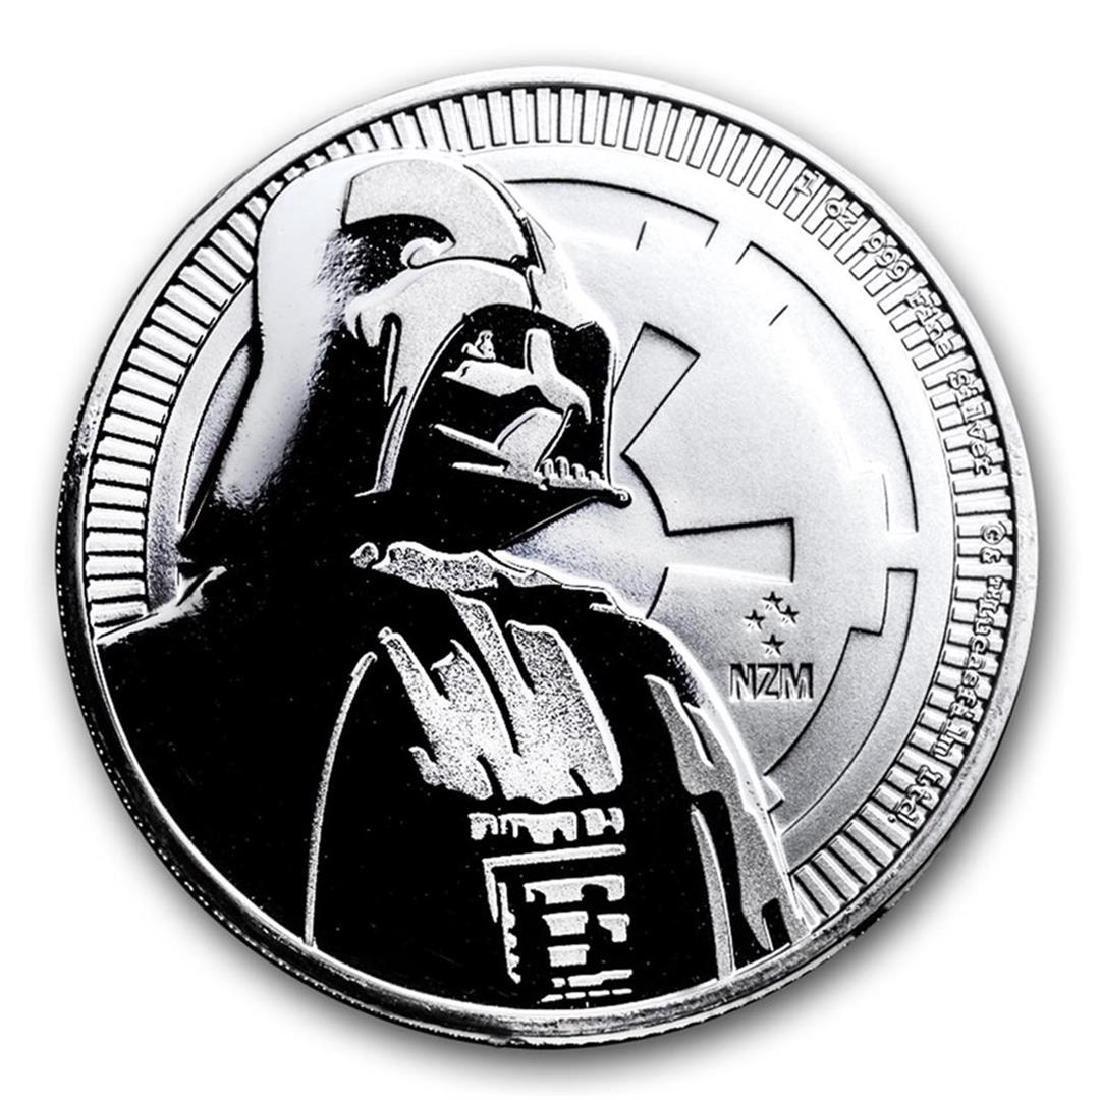 2017 Niue $2 Star Wars Darth Vader Silver Coin